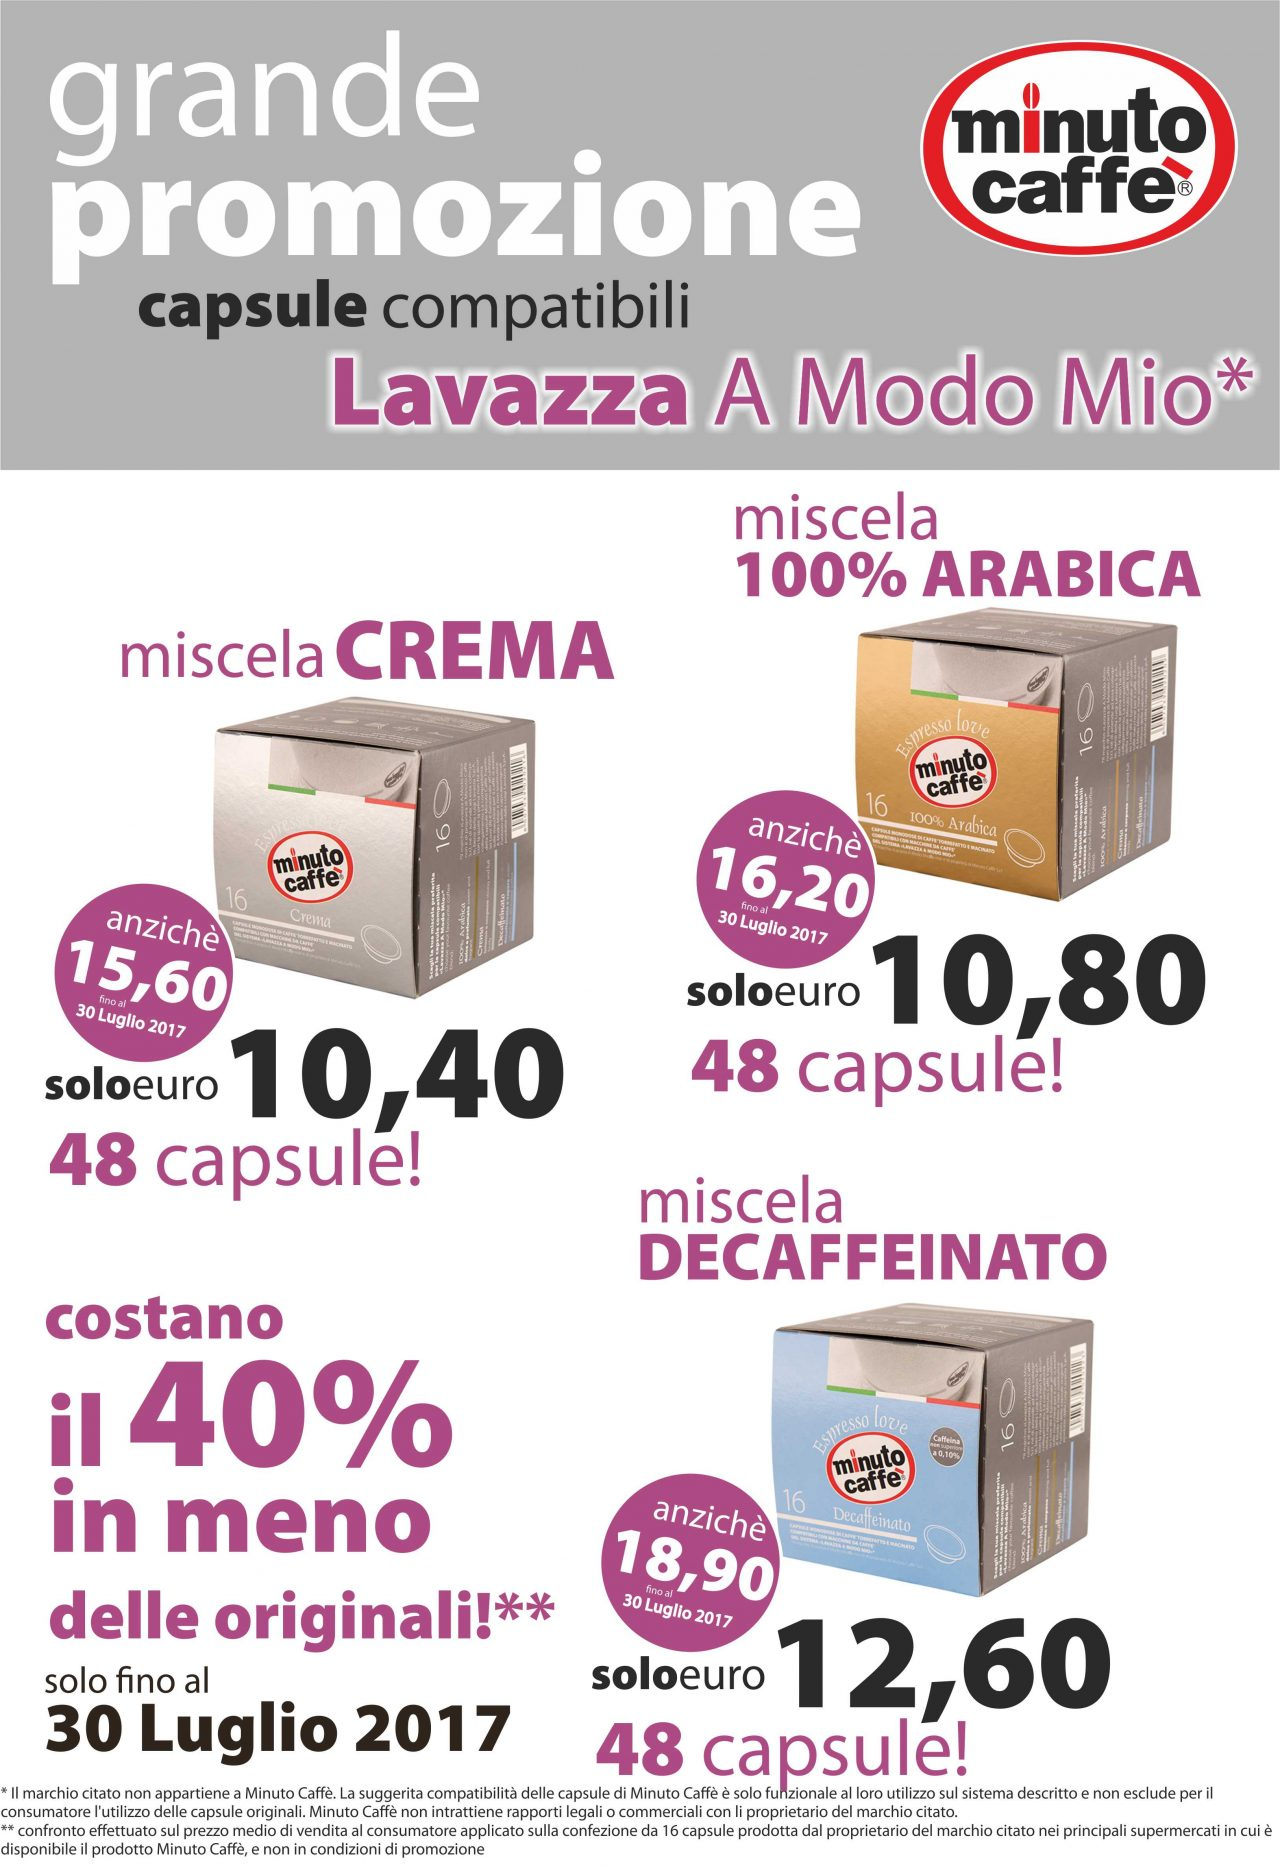 Grande promozione sulle capsule compatibili Lavazza A Modo Mio - Minuto Caffè